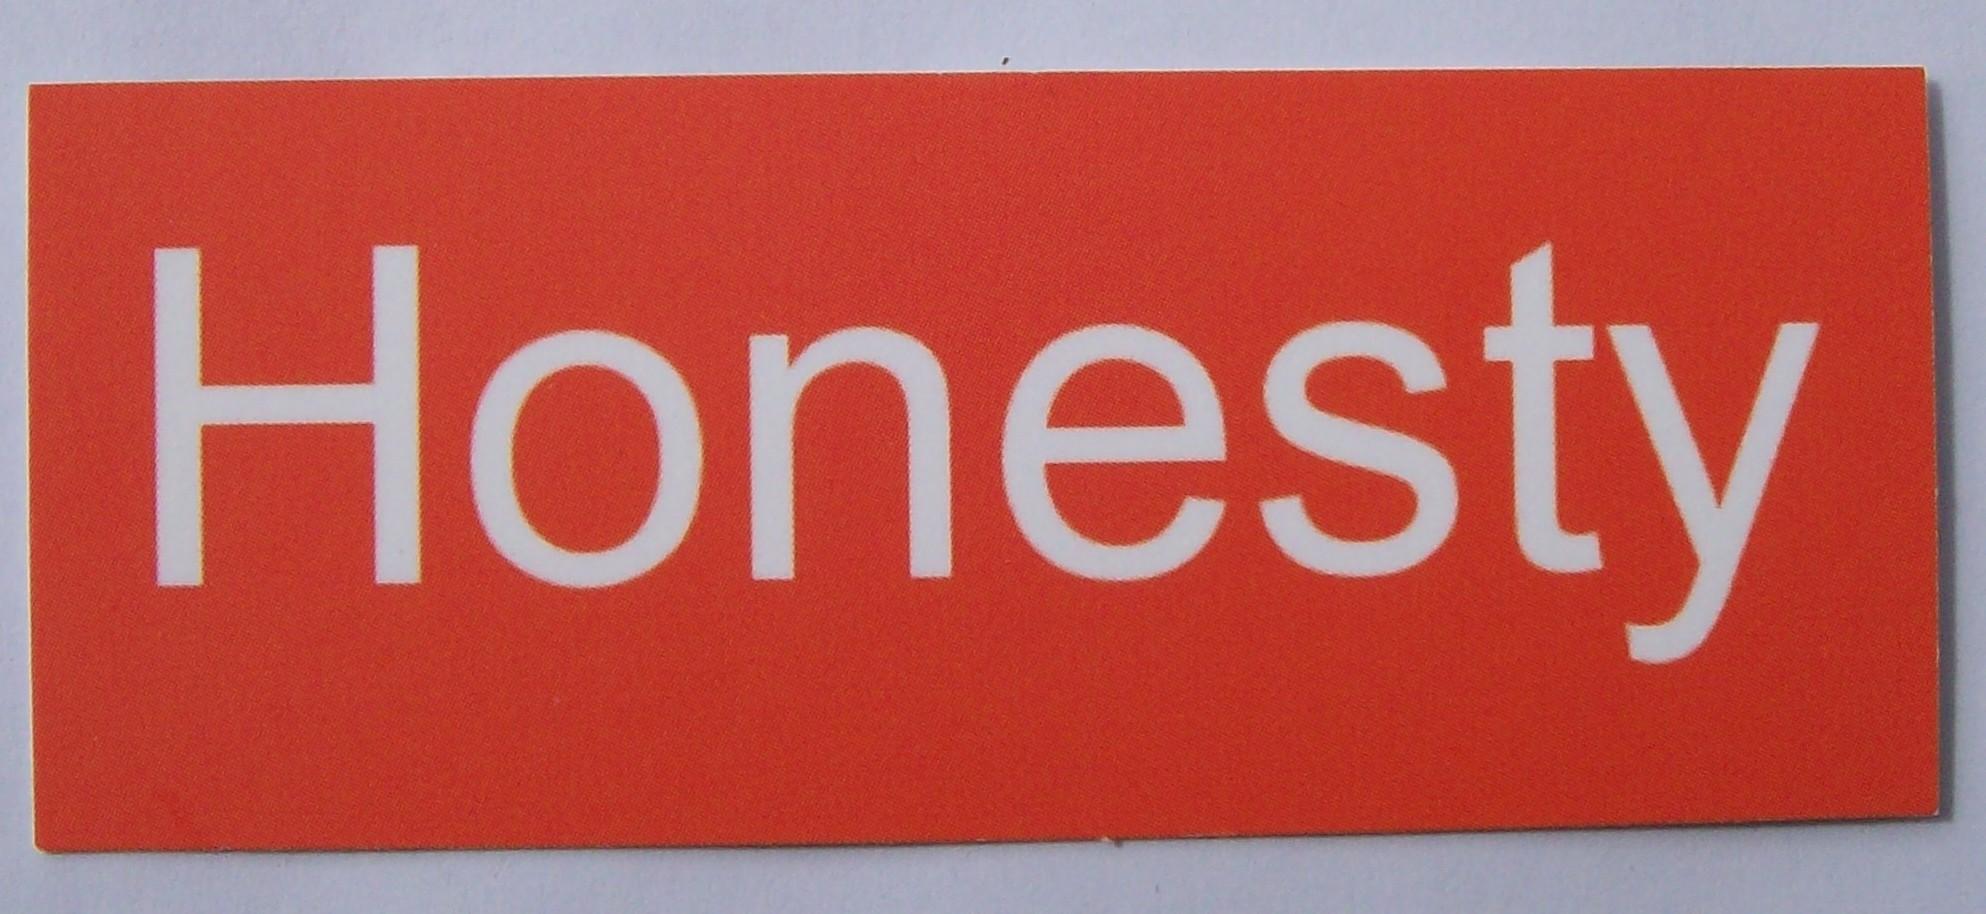 Photo of 'Honesty' card, white text on orange background